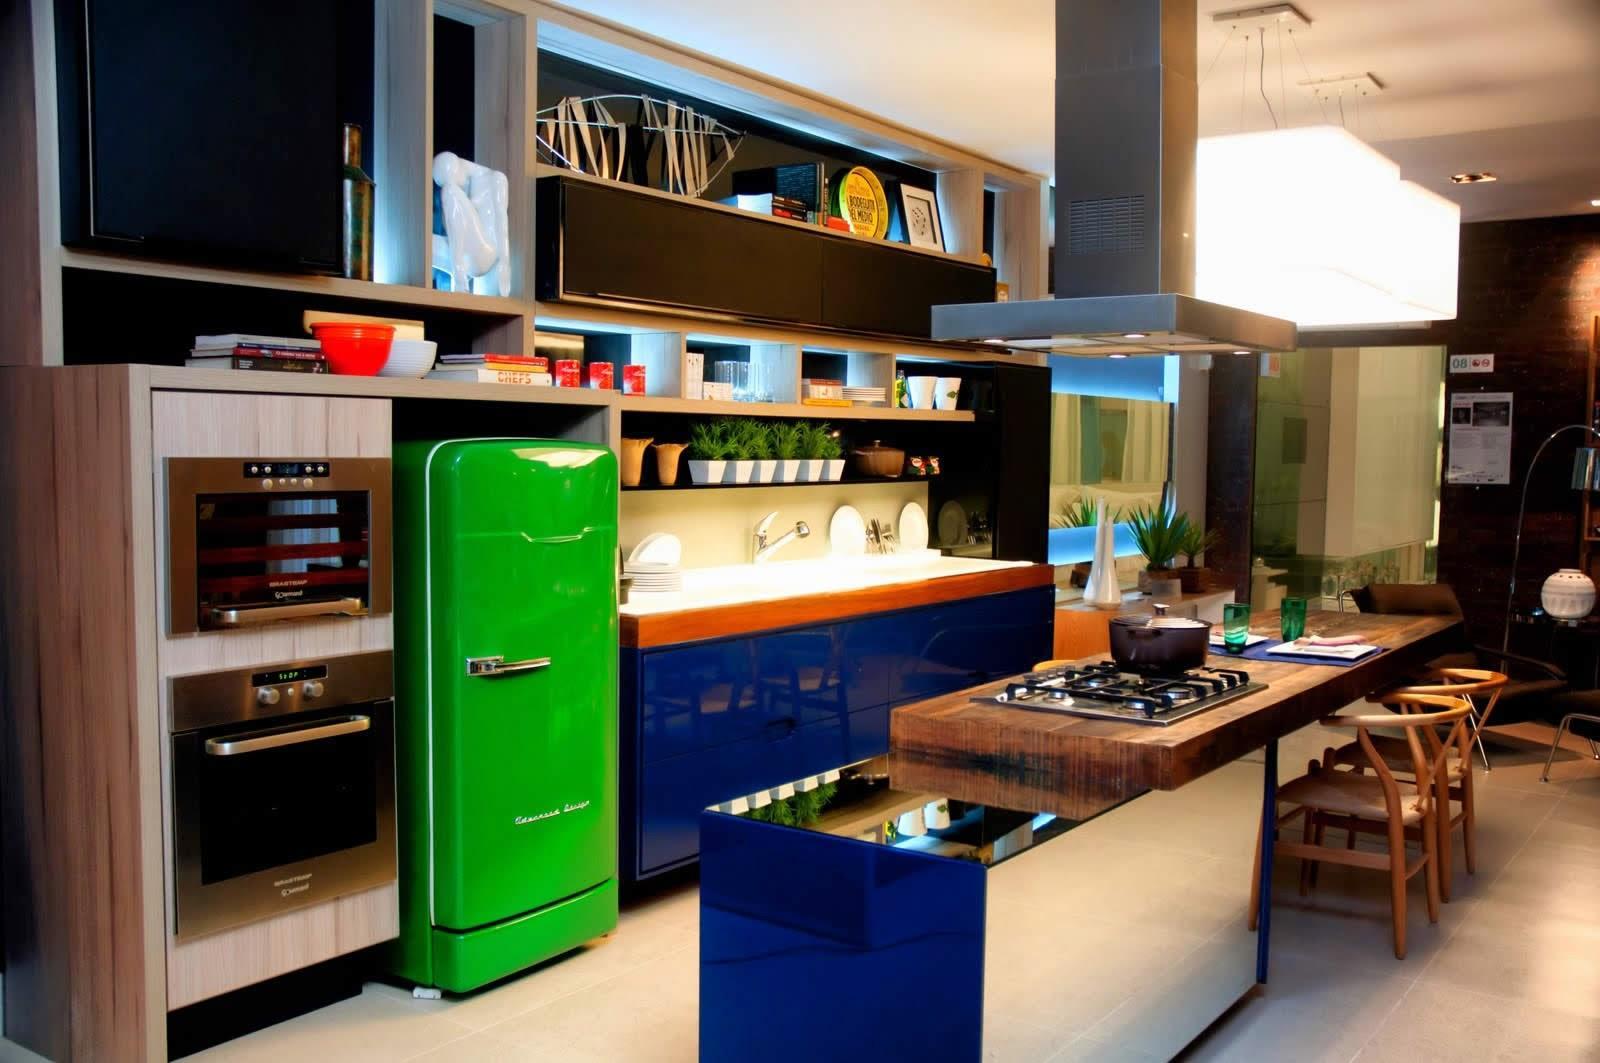 Decorao De Cozinhas Modernas With Decorao De Cozinhas Modernas